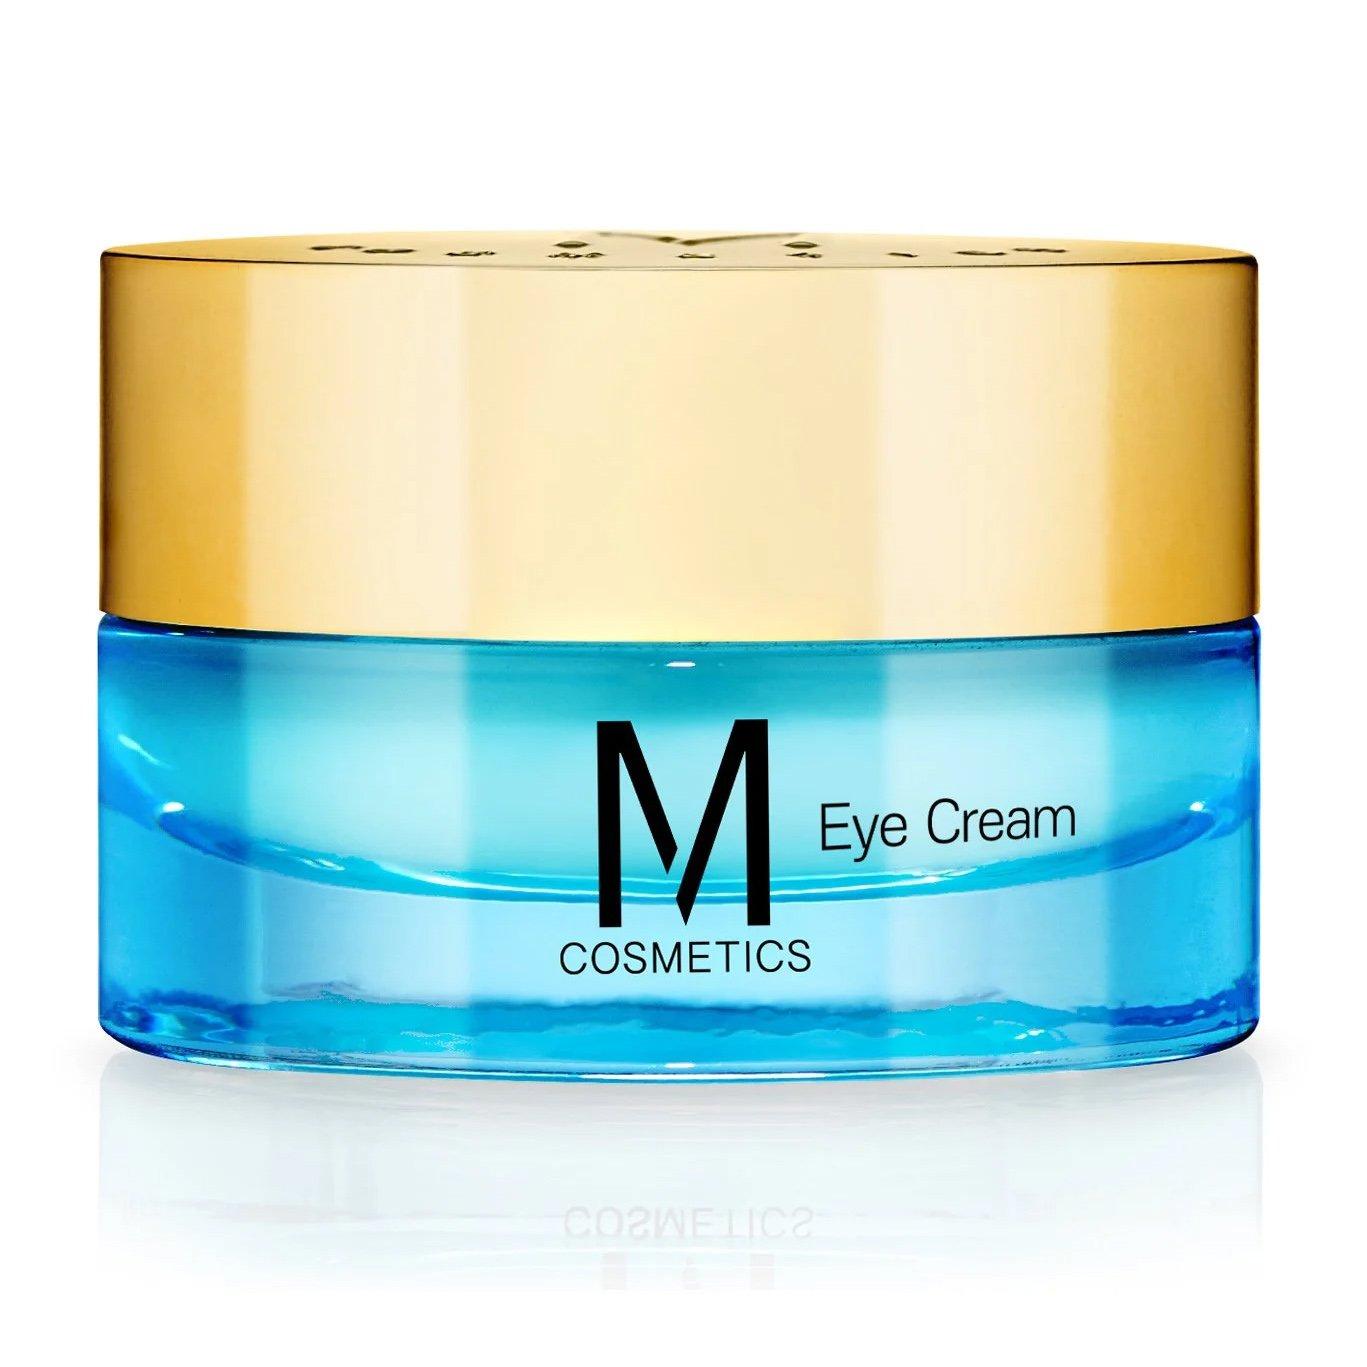 M Cosmetis Eye Cream Κρέμα Ματιών Ολοκληρωμένης Αντιρυτιδικής & Συσφικτικής Δράσης 15ml